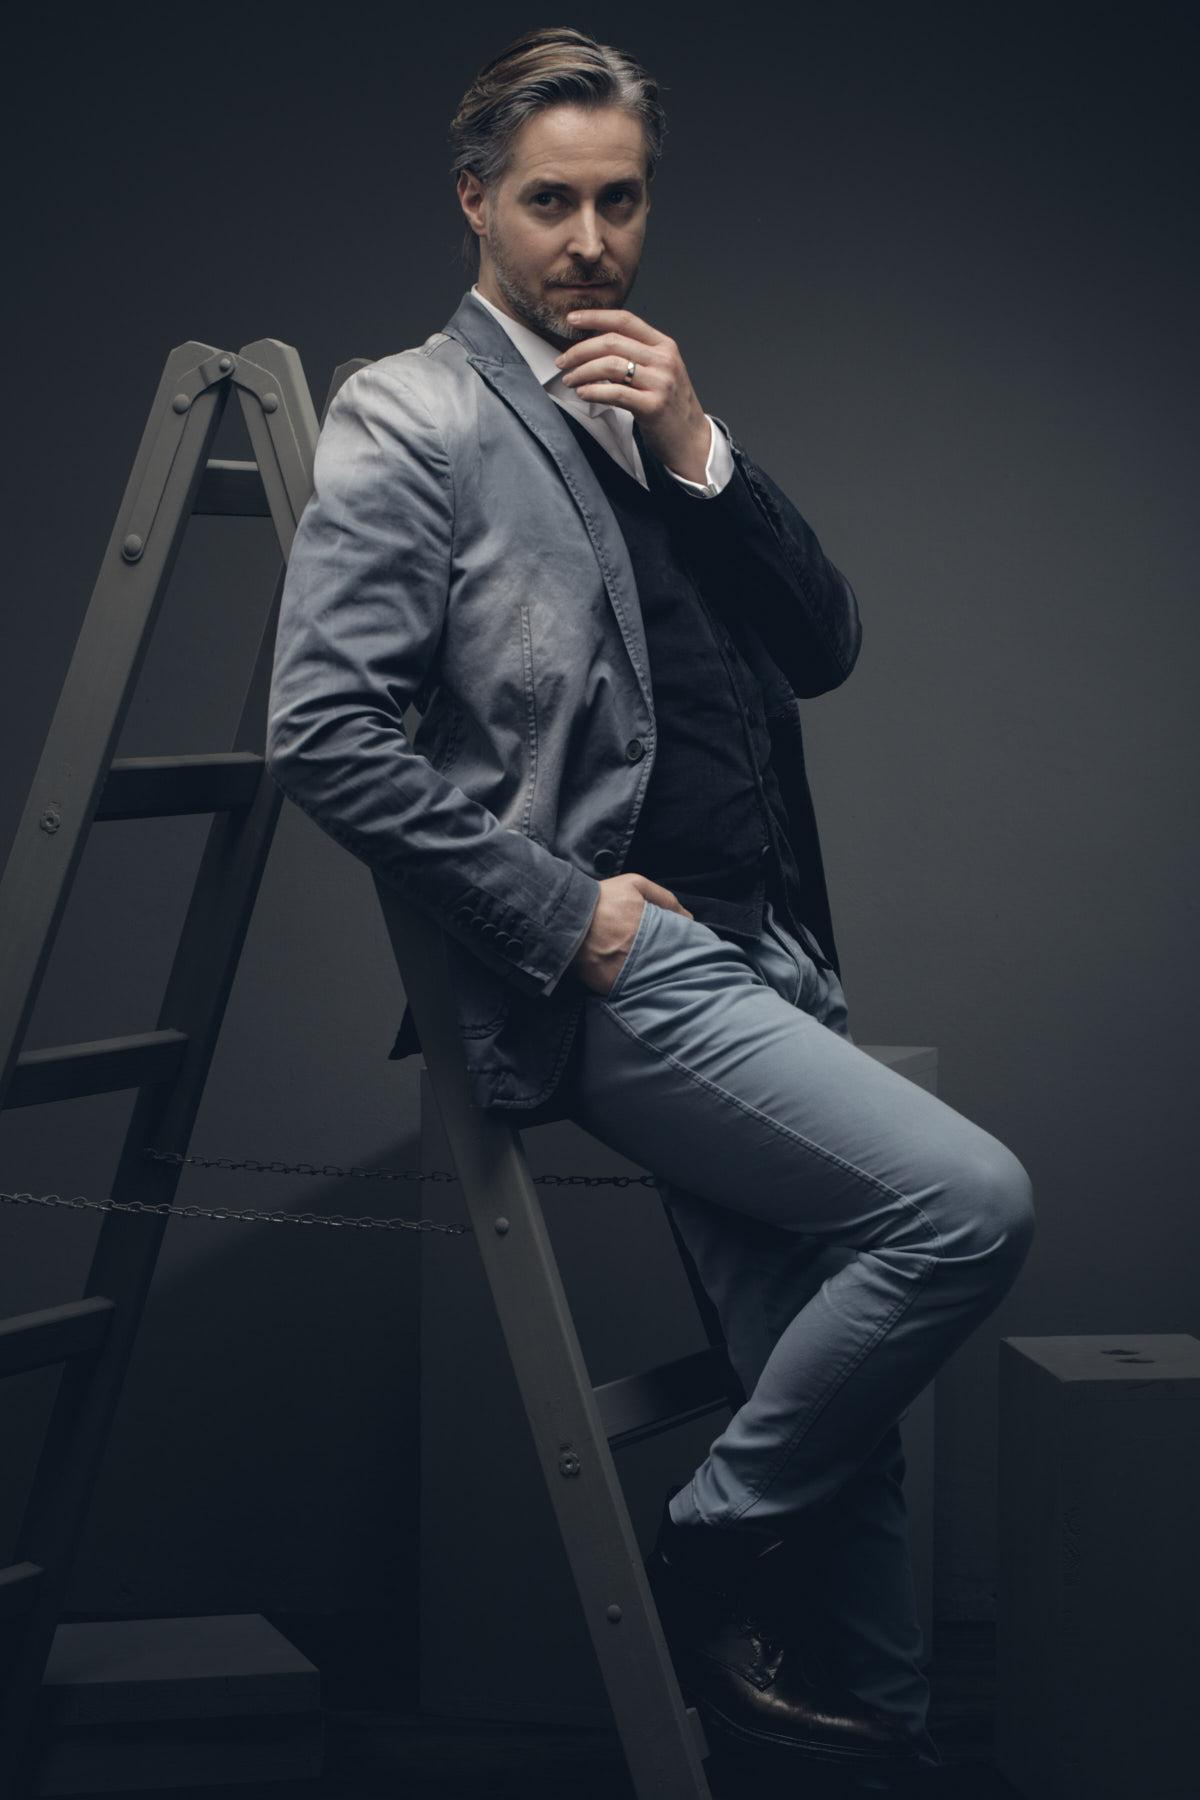 Künstlerportrait eines Schauspielers, der ein nachdenklich an einer graue Leiter lehnt